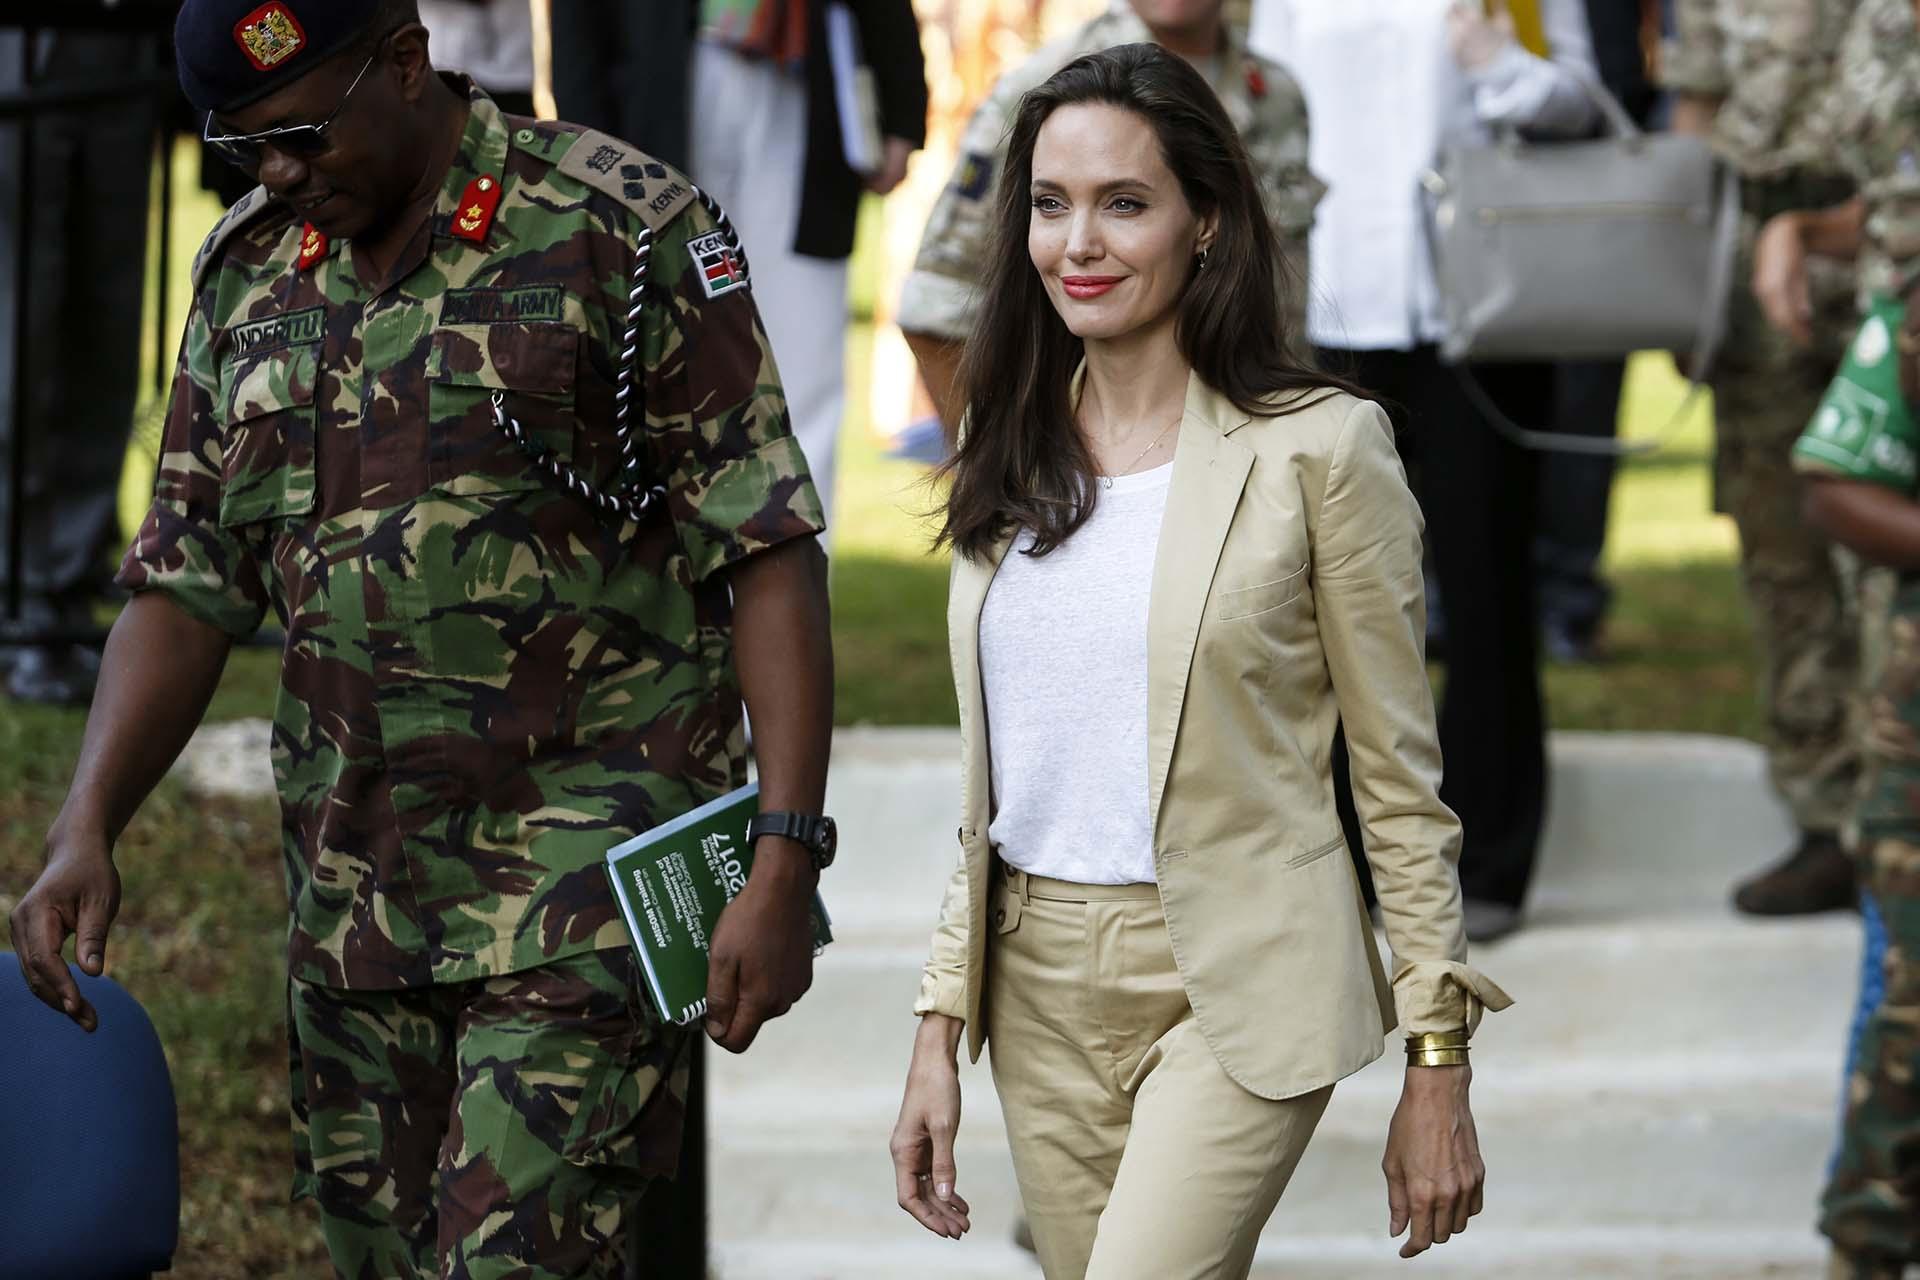 """""""Más de la mitad de todos los refugiados y personas desplazadas en el mundo son mujeres y niños. La forma en que los tratamos mide la humanidad de nuestras naciones"""", aseguró Jolie, que pidió al mundo que no olvide el dolor y el sufrimiento de estas jóvenes"""